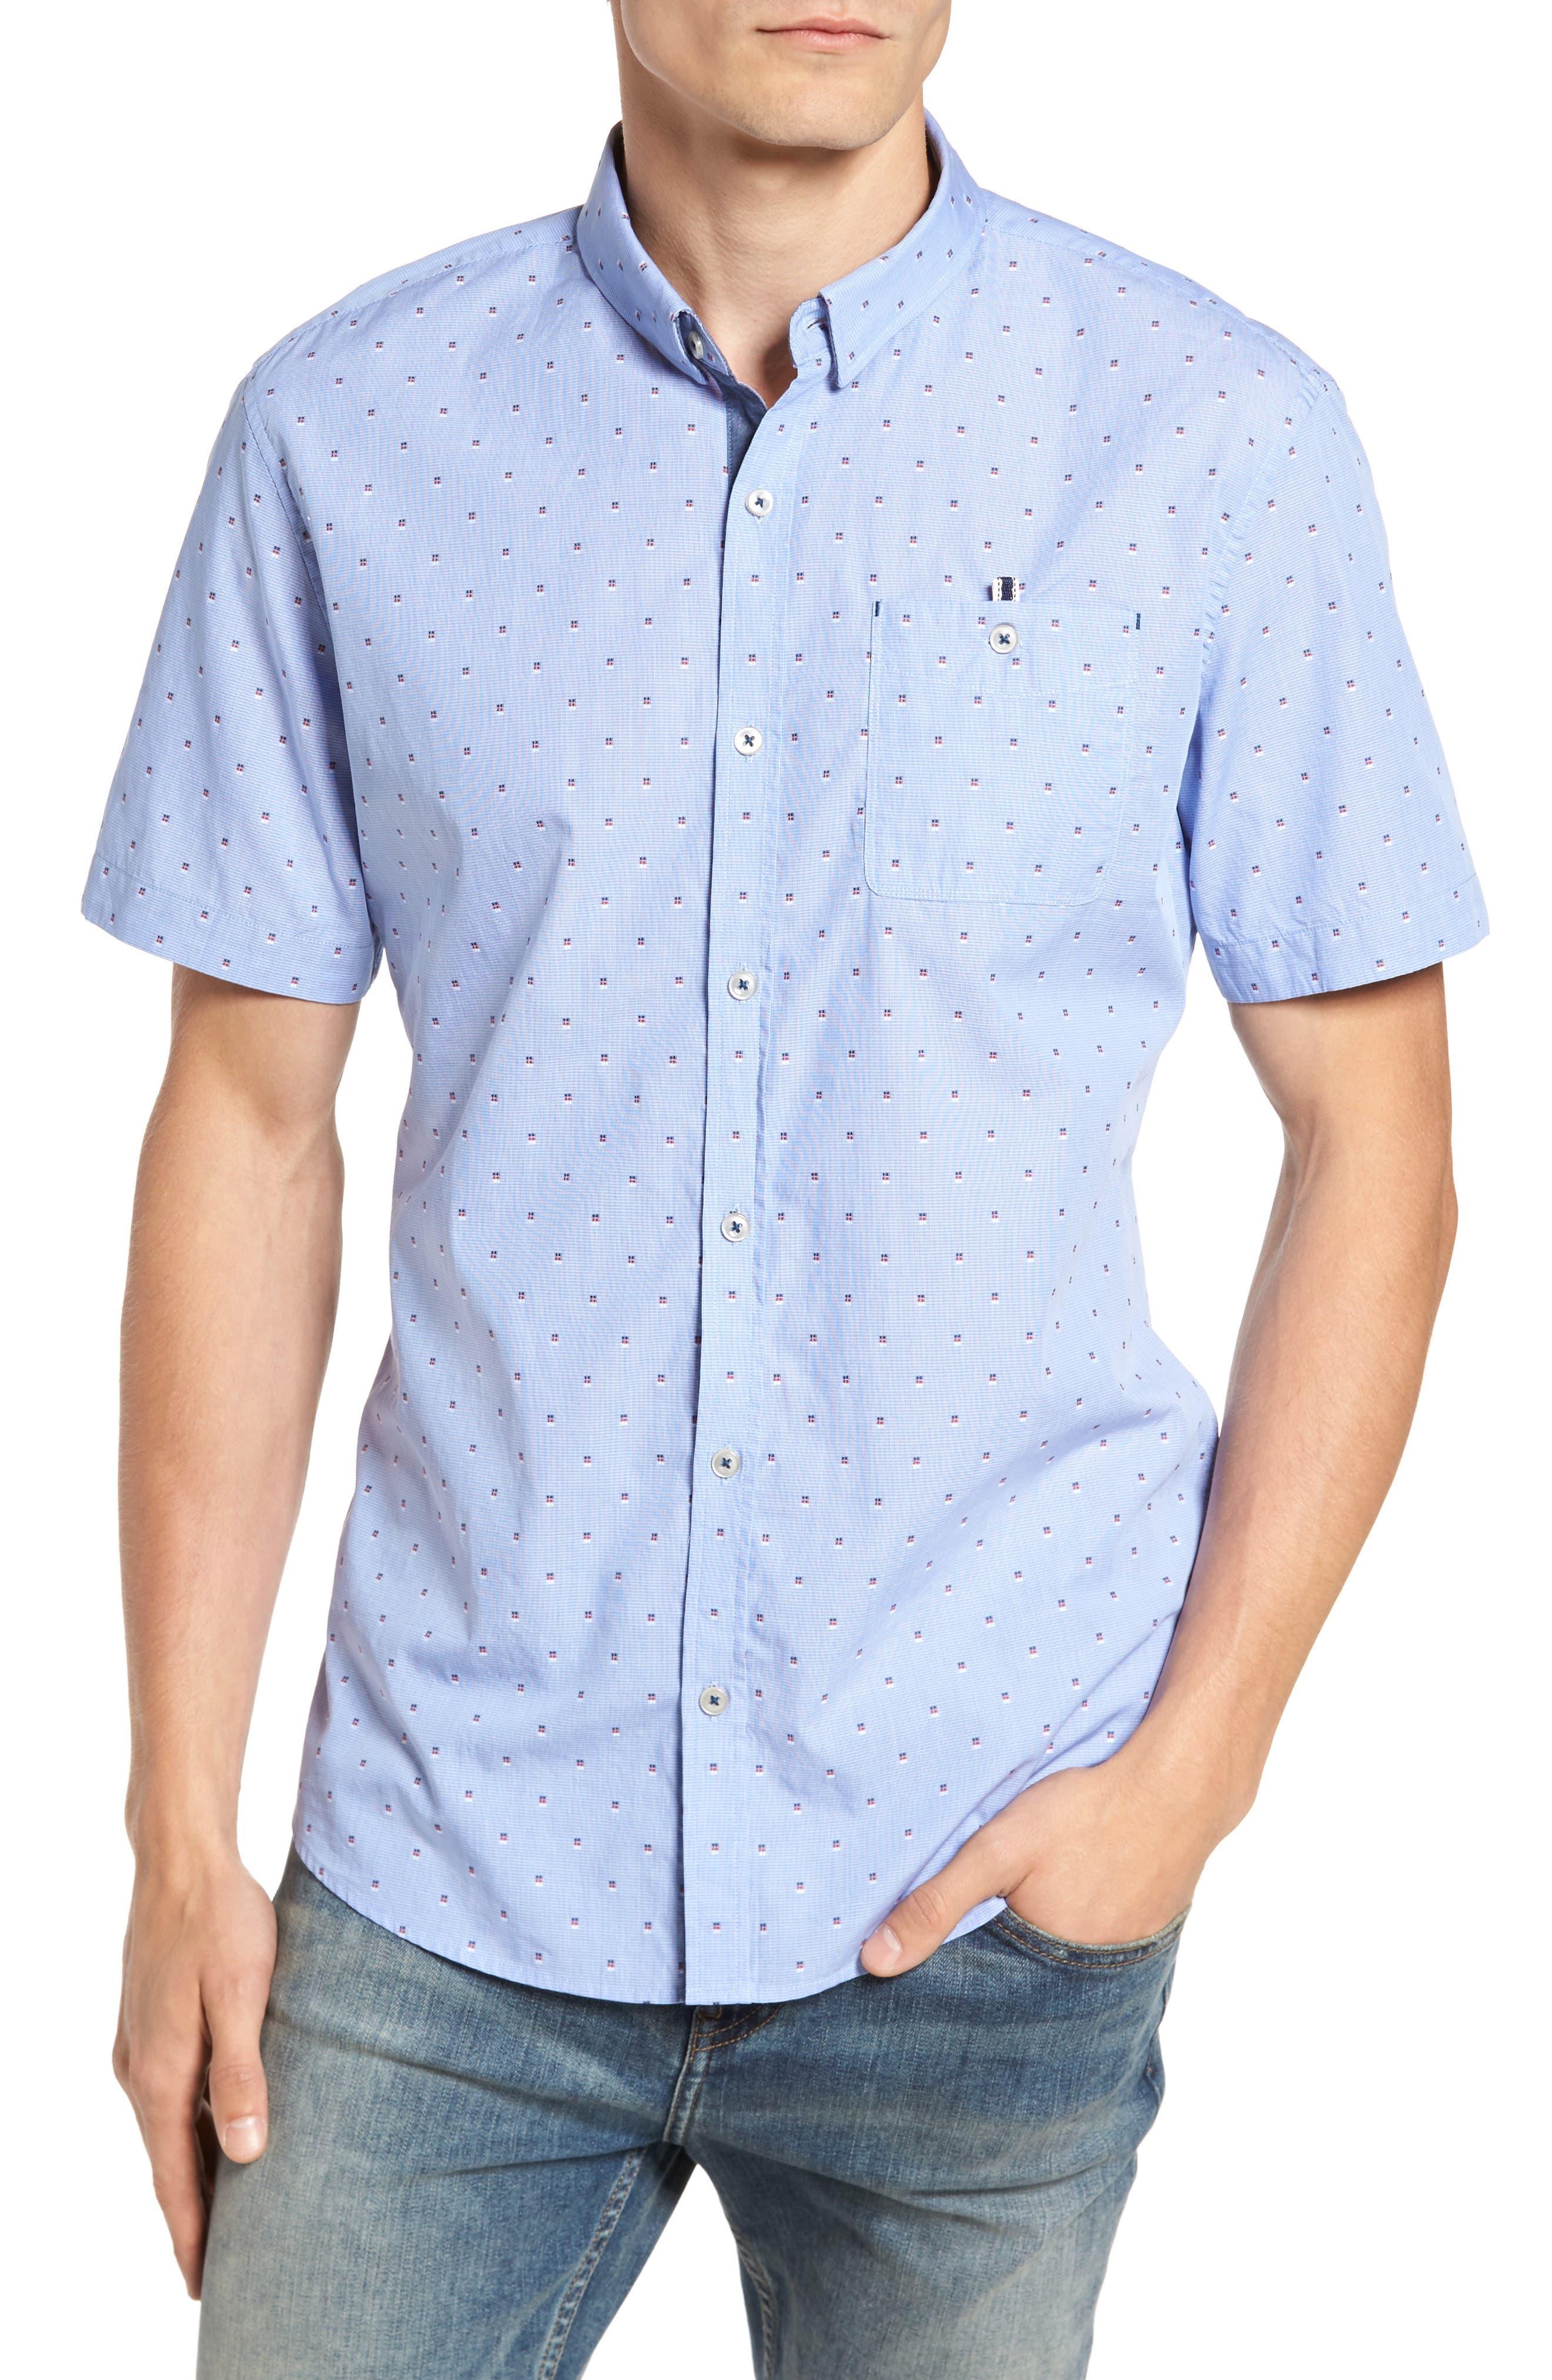 7 Diamonds Double Feature Short Sleeve Sport Shirt